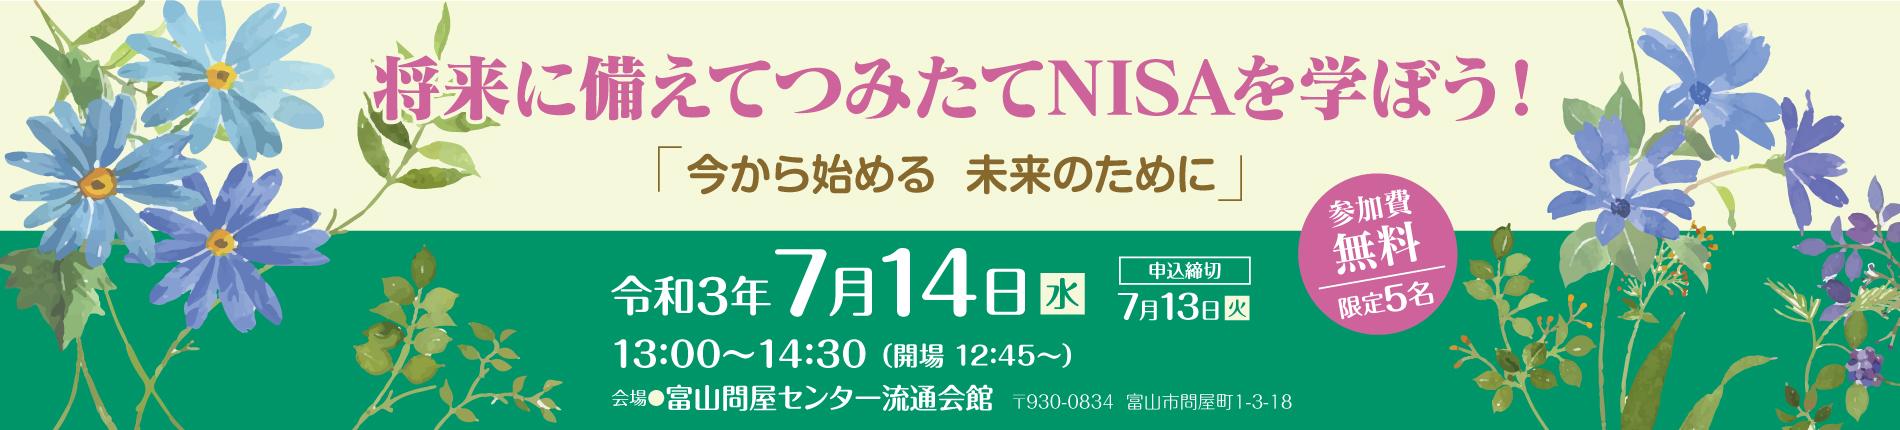 7月14日開催 IFAセミナー